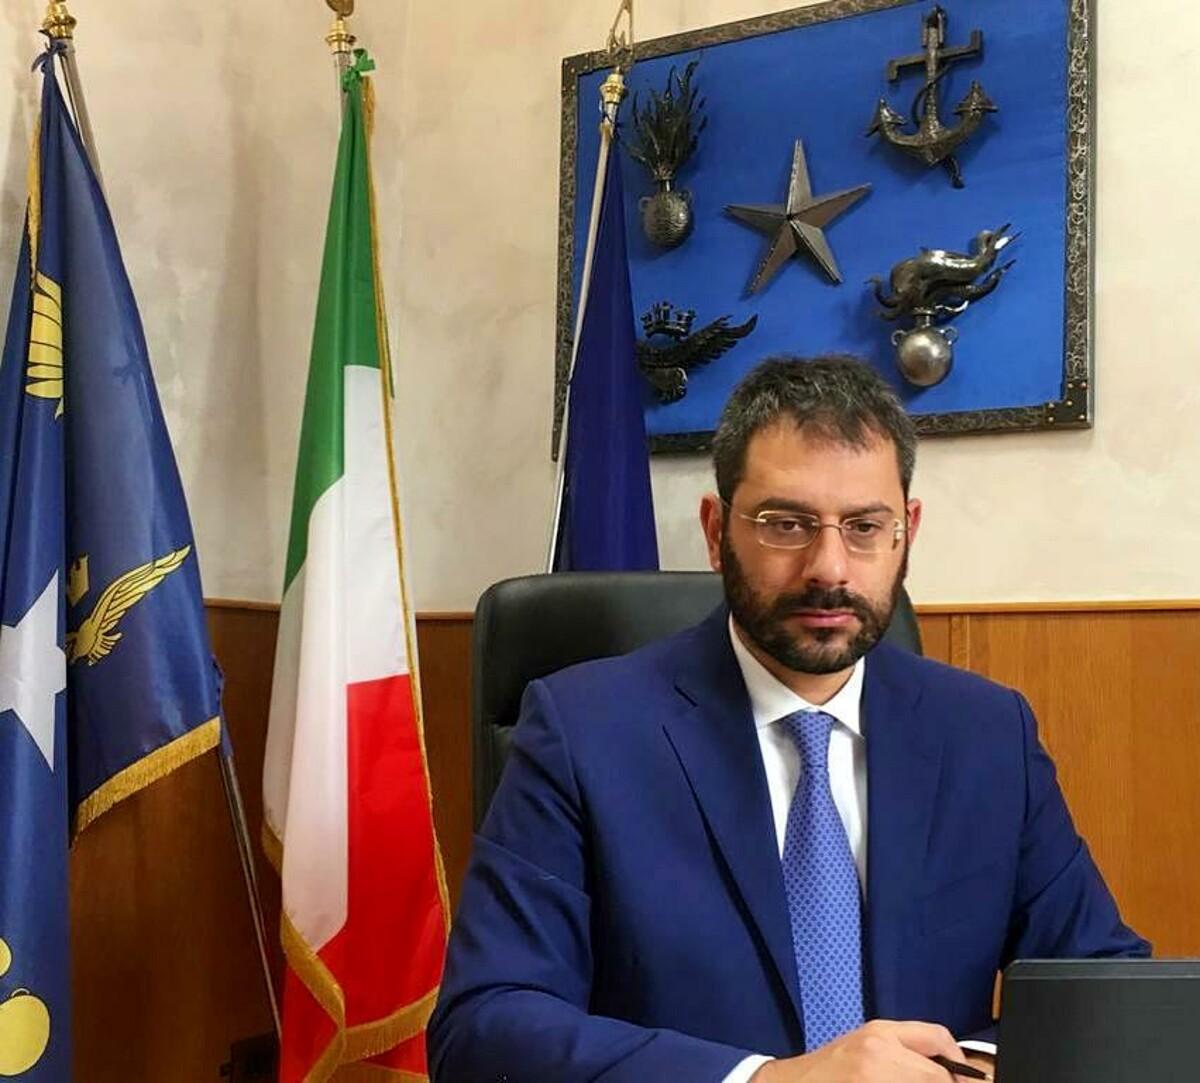 """Comunali a Salerno, Tofalo all'attacco:  """"Tari più alta d'Italia, ma città immersa tra rifiuti e nel degrado"""""""